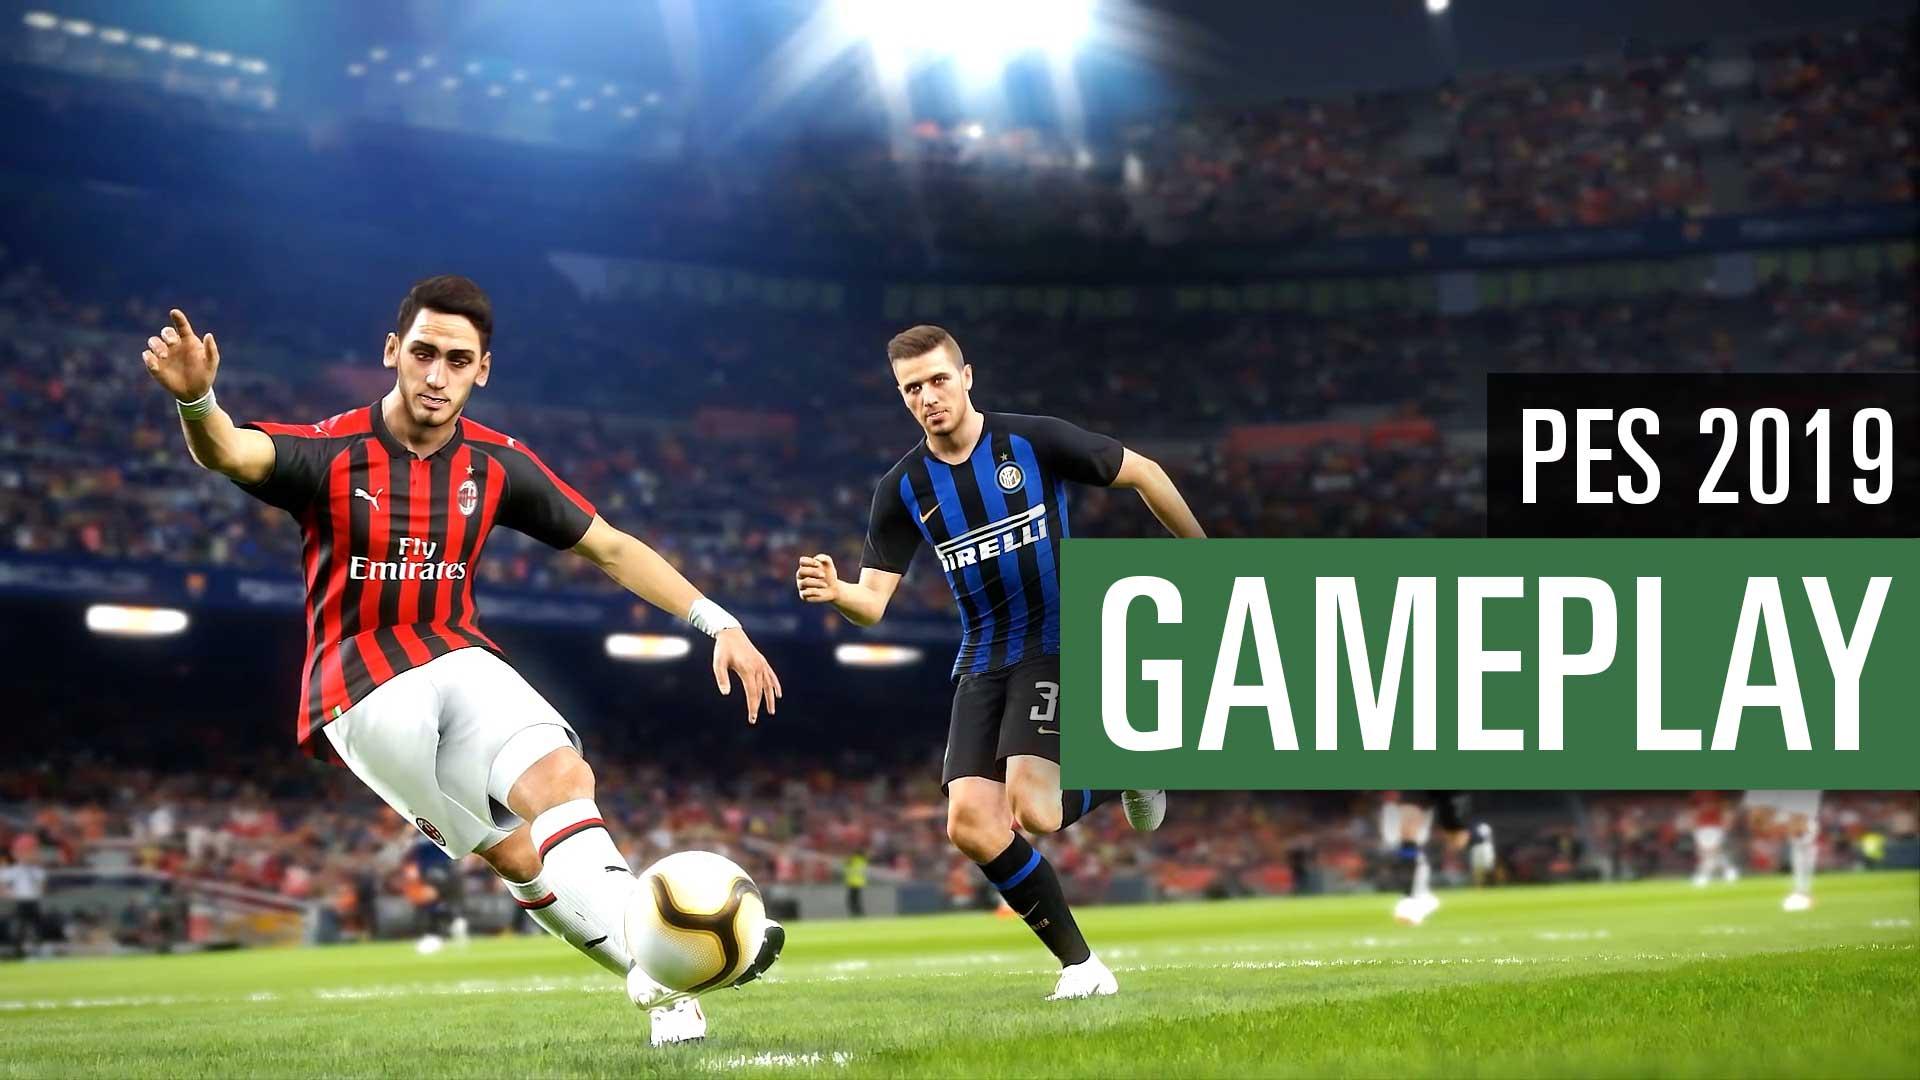 PES 2019 im Gameplay-Video  Fußball so schön wie nie zuvor a1135aa24314e